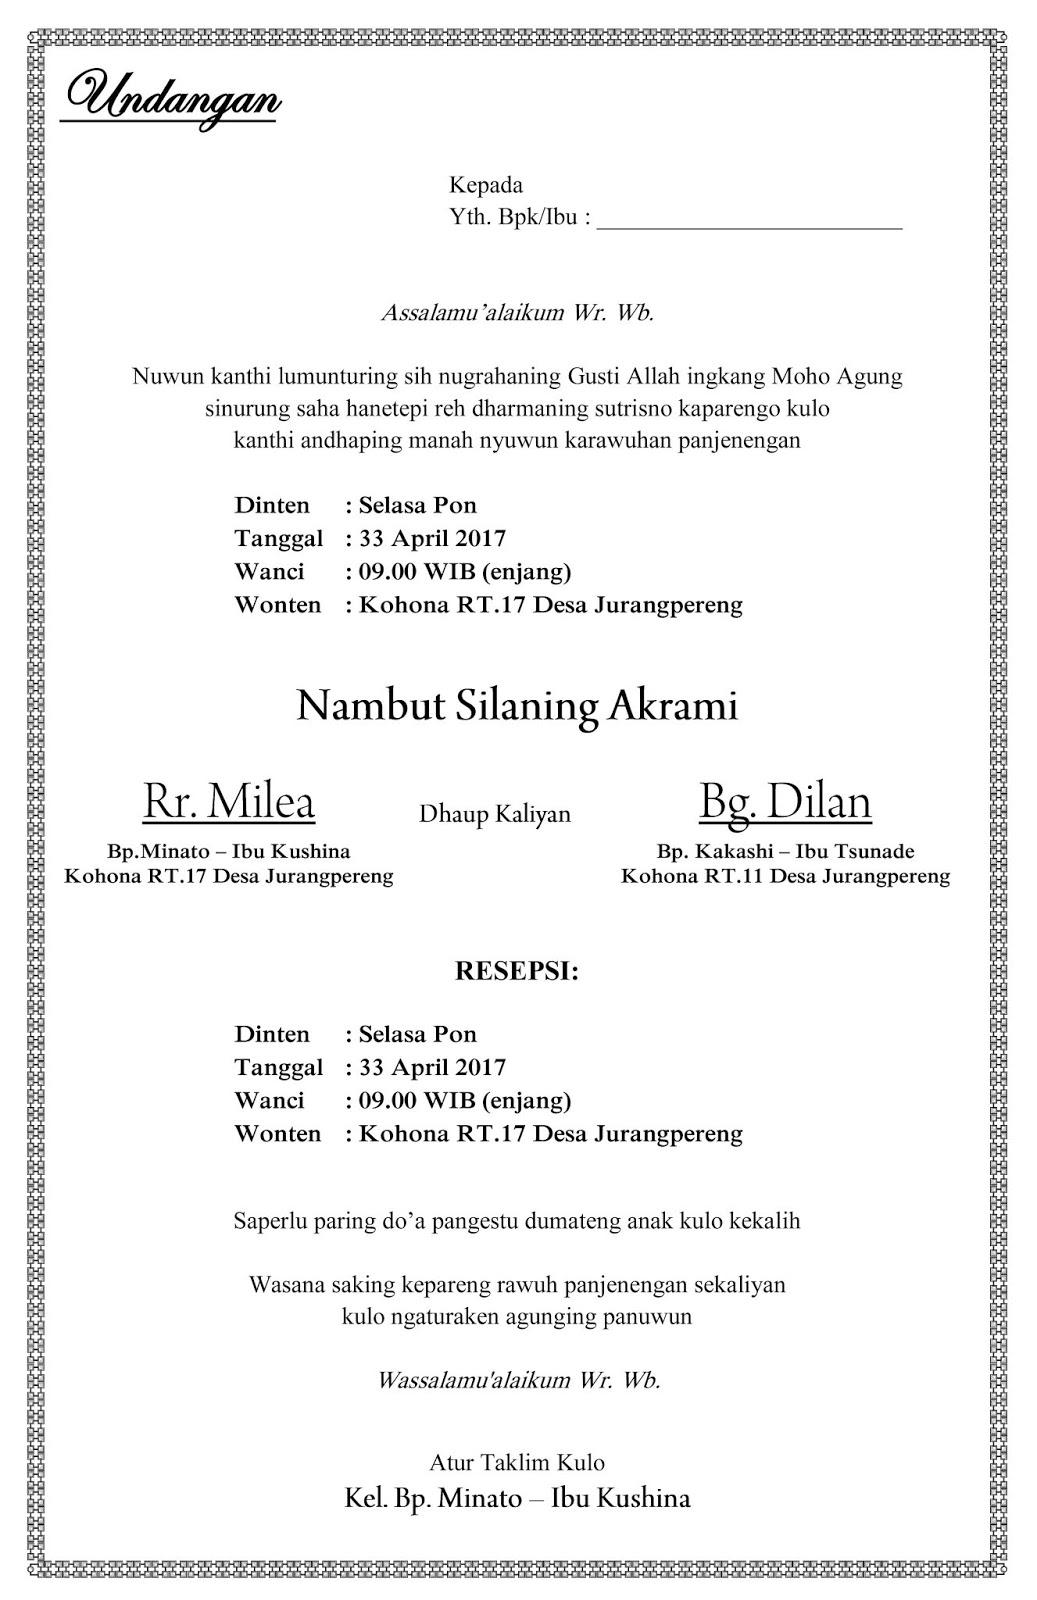 Mulih Ngarit Contoh Undangan Pernikahan Ulem Bahasa Jawa Sederhana